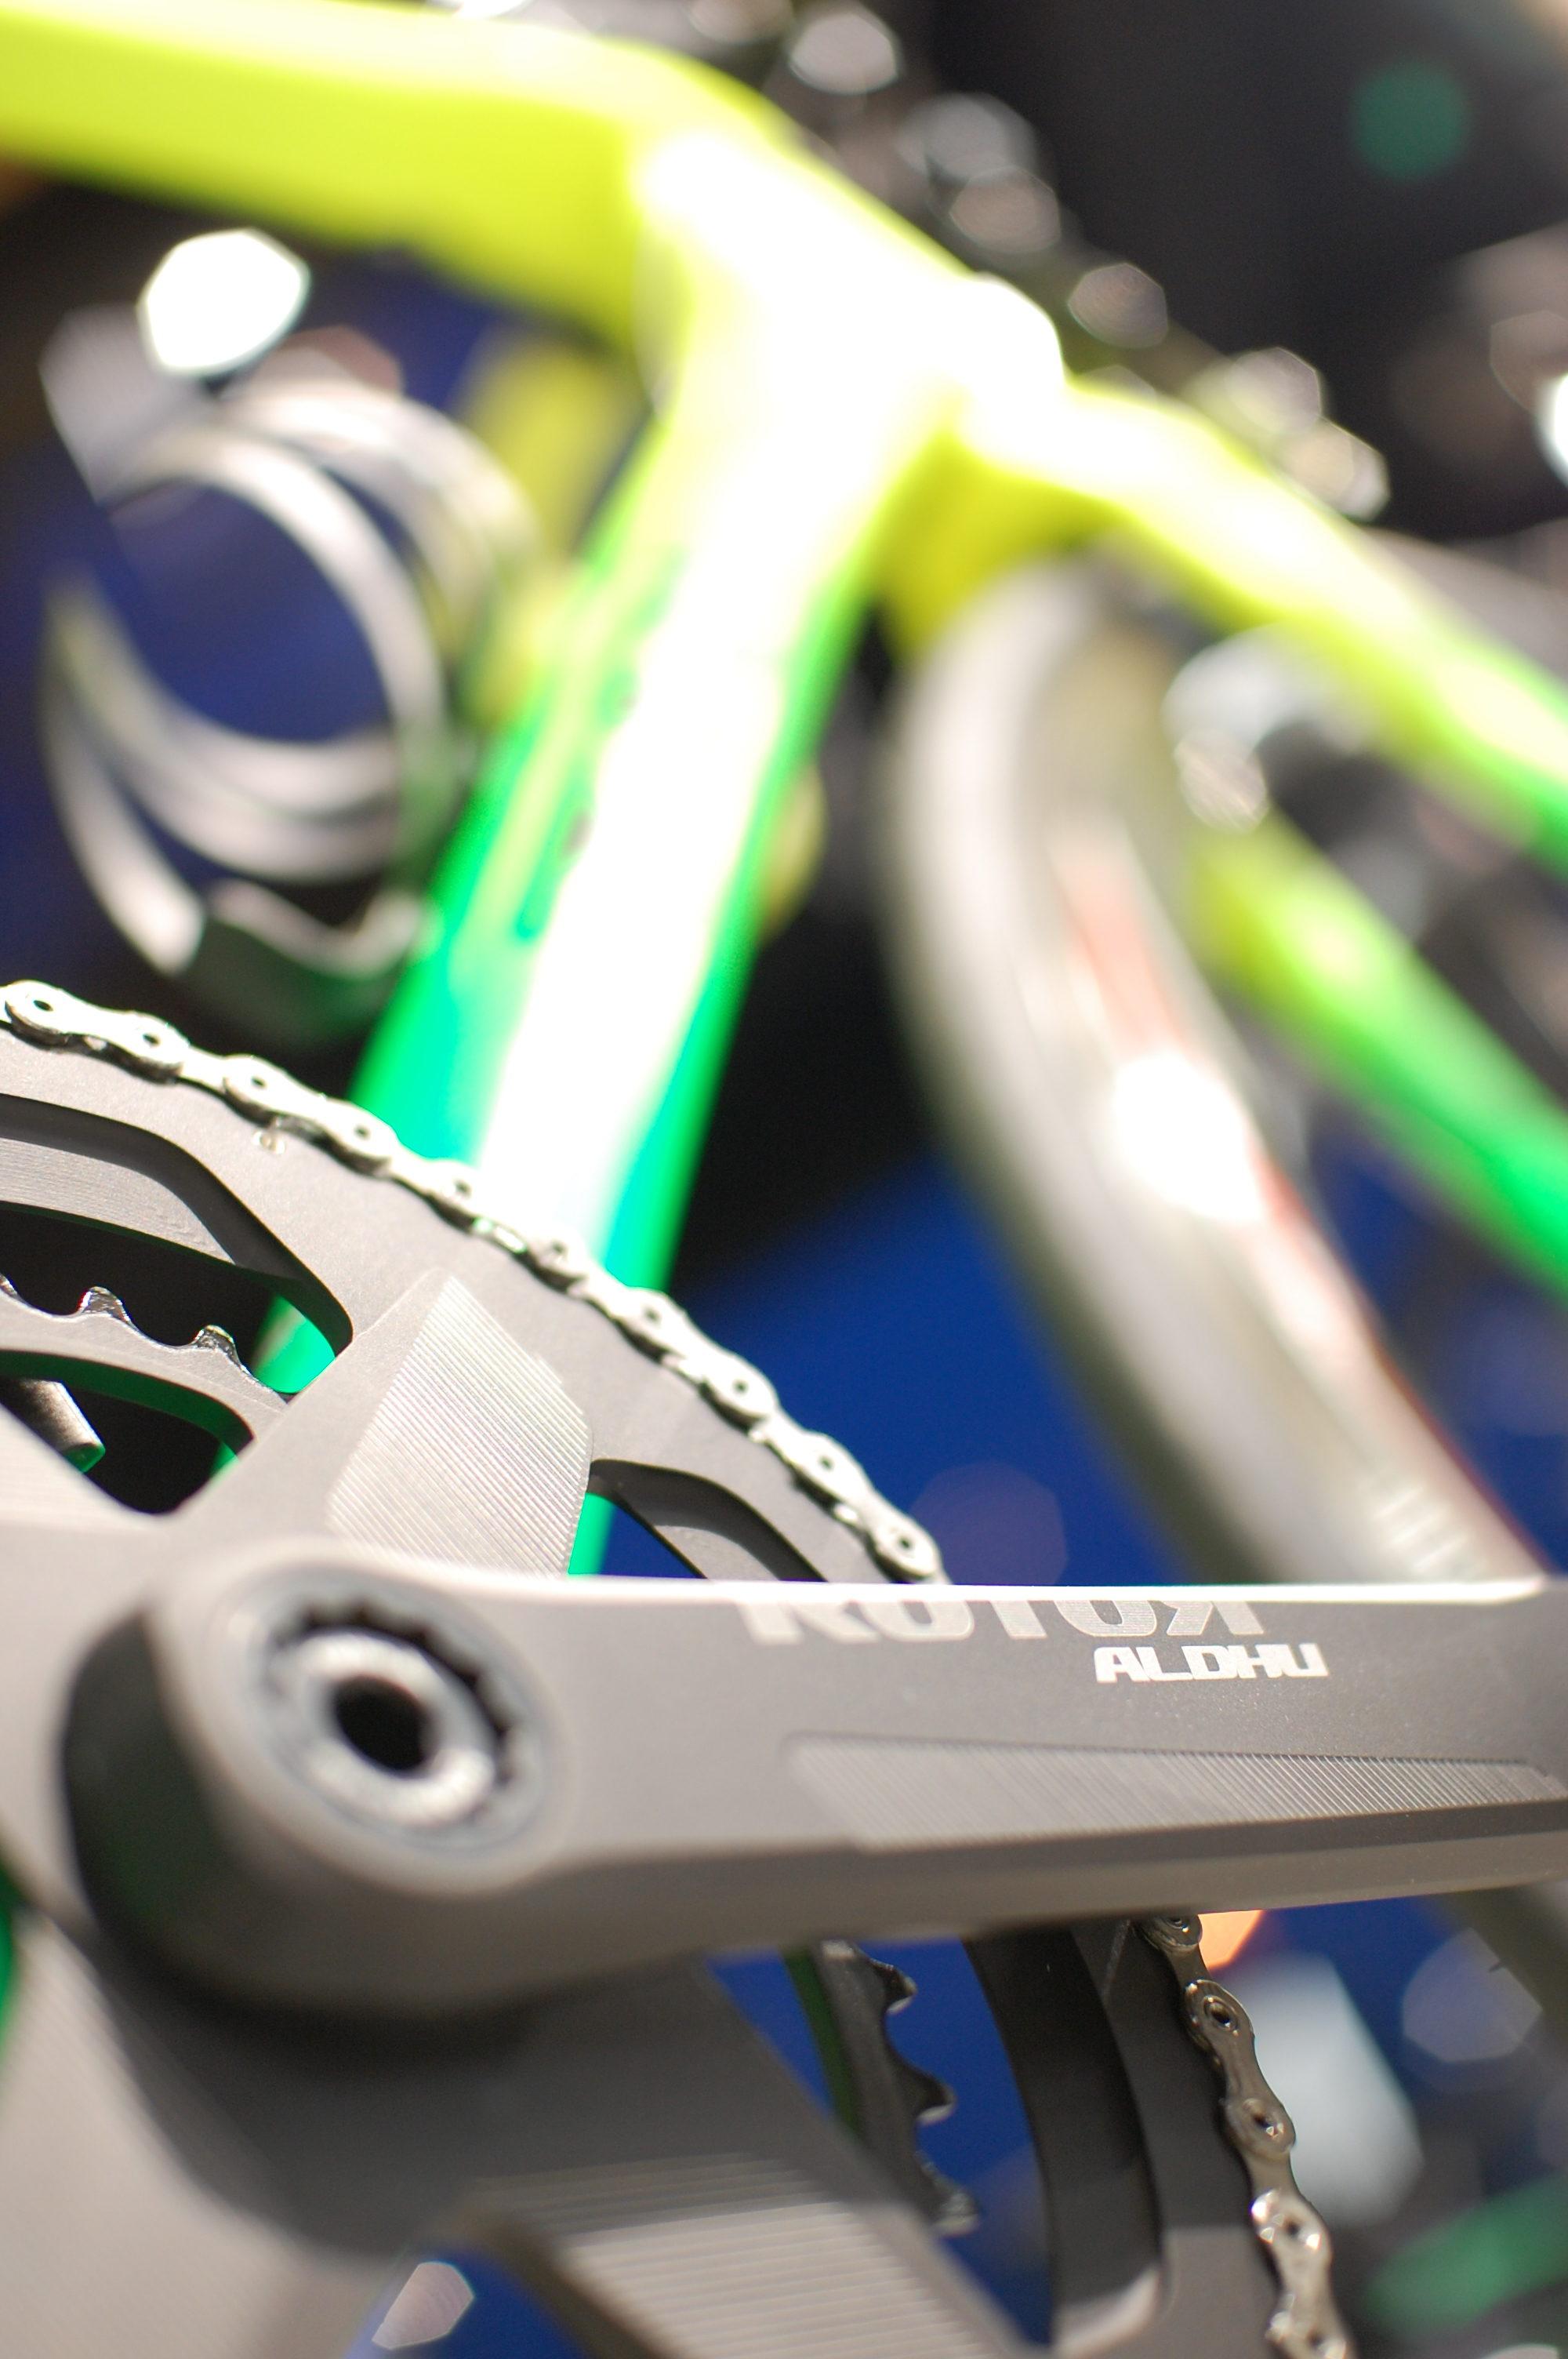 理想のバイクに仕上がるまで!その過程を楽しむ今週のピックアップバイク【TREK(トレック)EMONDA(エモンダ) SLR(エスエルアール)…